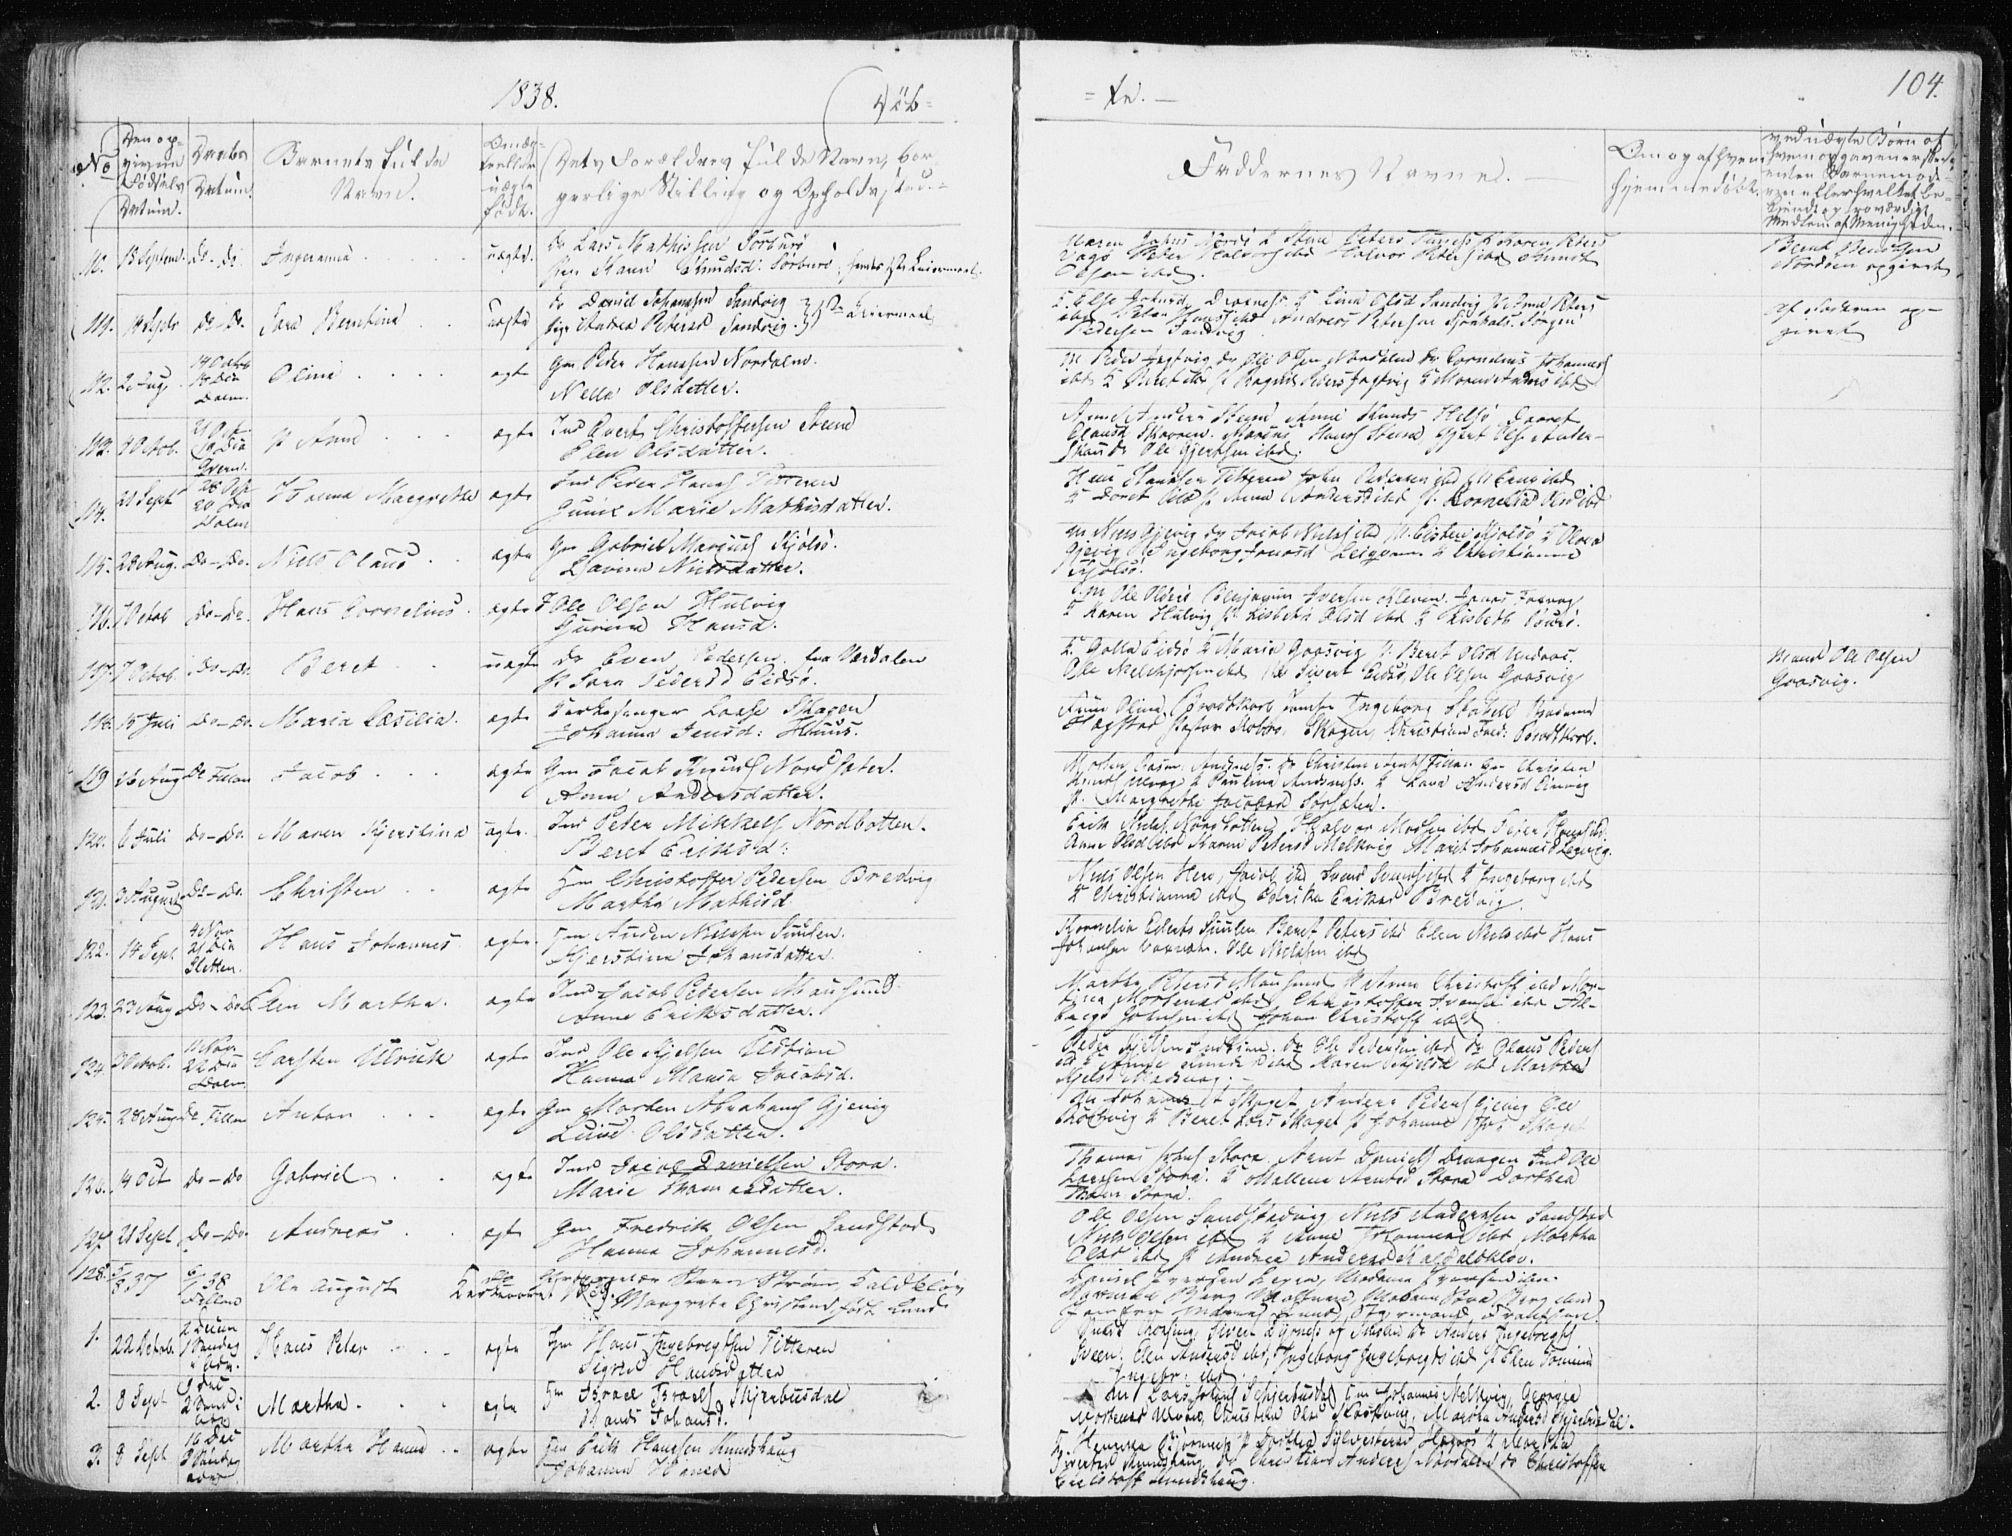 SAT, Ministerialprotokoller, klokkerbøker og fødselsregistre - Sør-Trøndelag, 634/L0528: Ministerialbok nr. 634A04, 1827-1842, s. 104